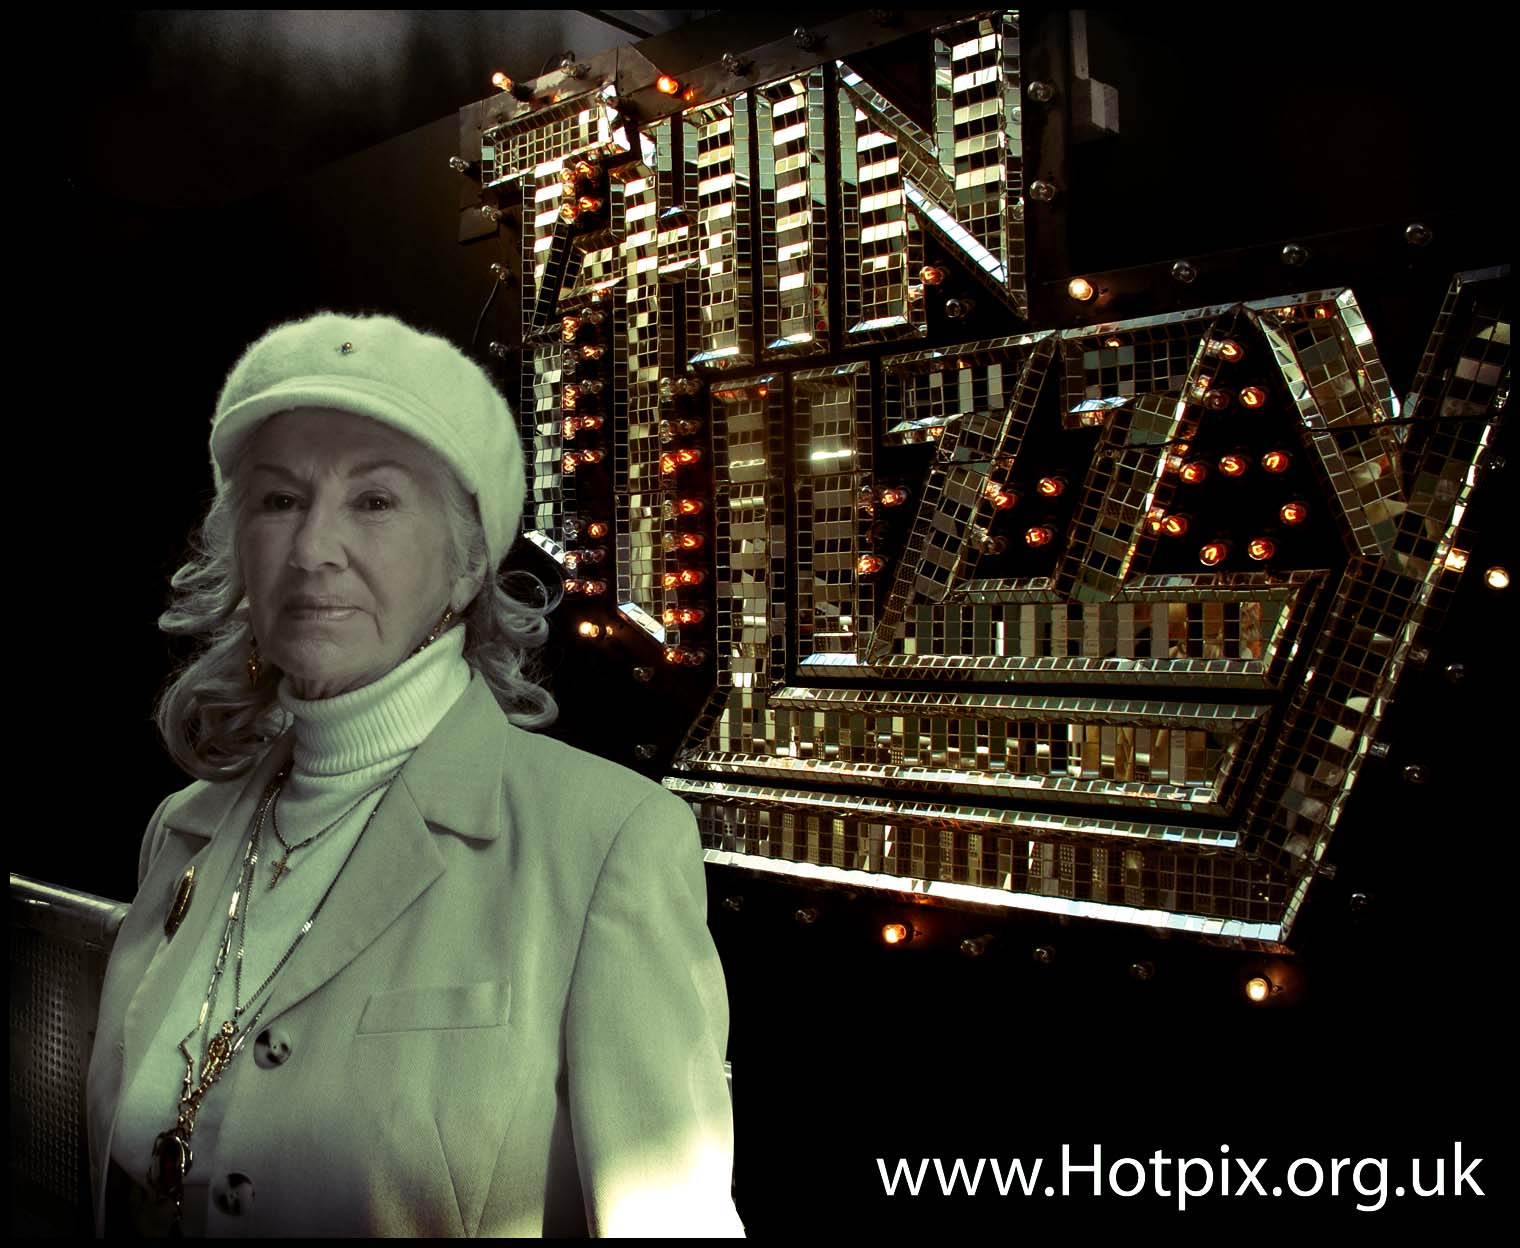 Thin,Lizzy,Dublin,tony,smith,tonysmith,hotpix,tonysmithhotpix,europe,mother,mum,thinlizzy,hotpix.com,MIS,@hotpixUK,ActiveH,housingtechnology